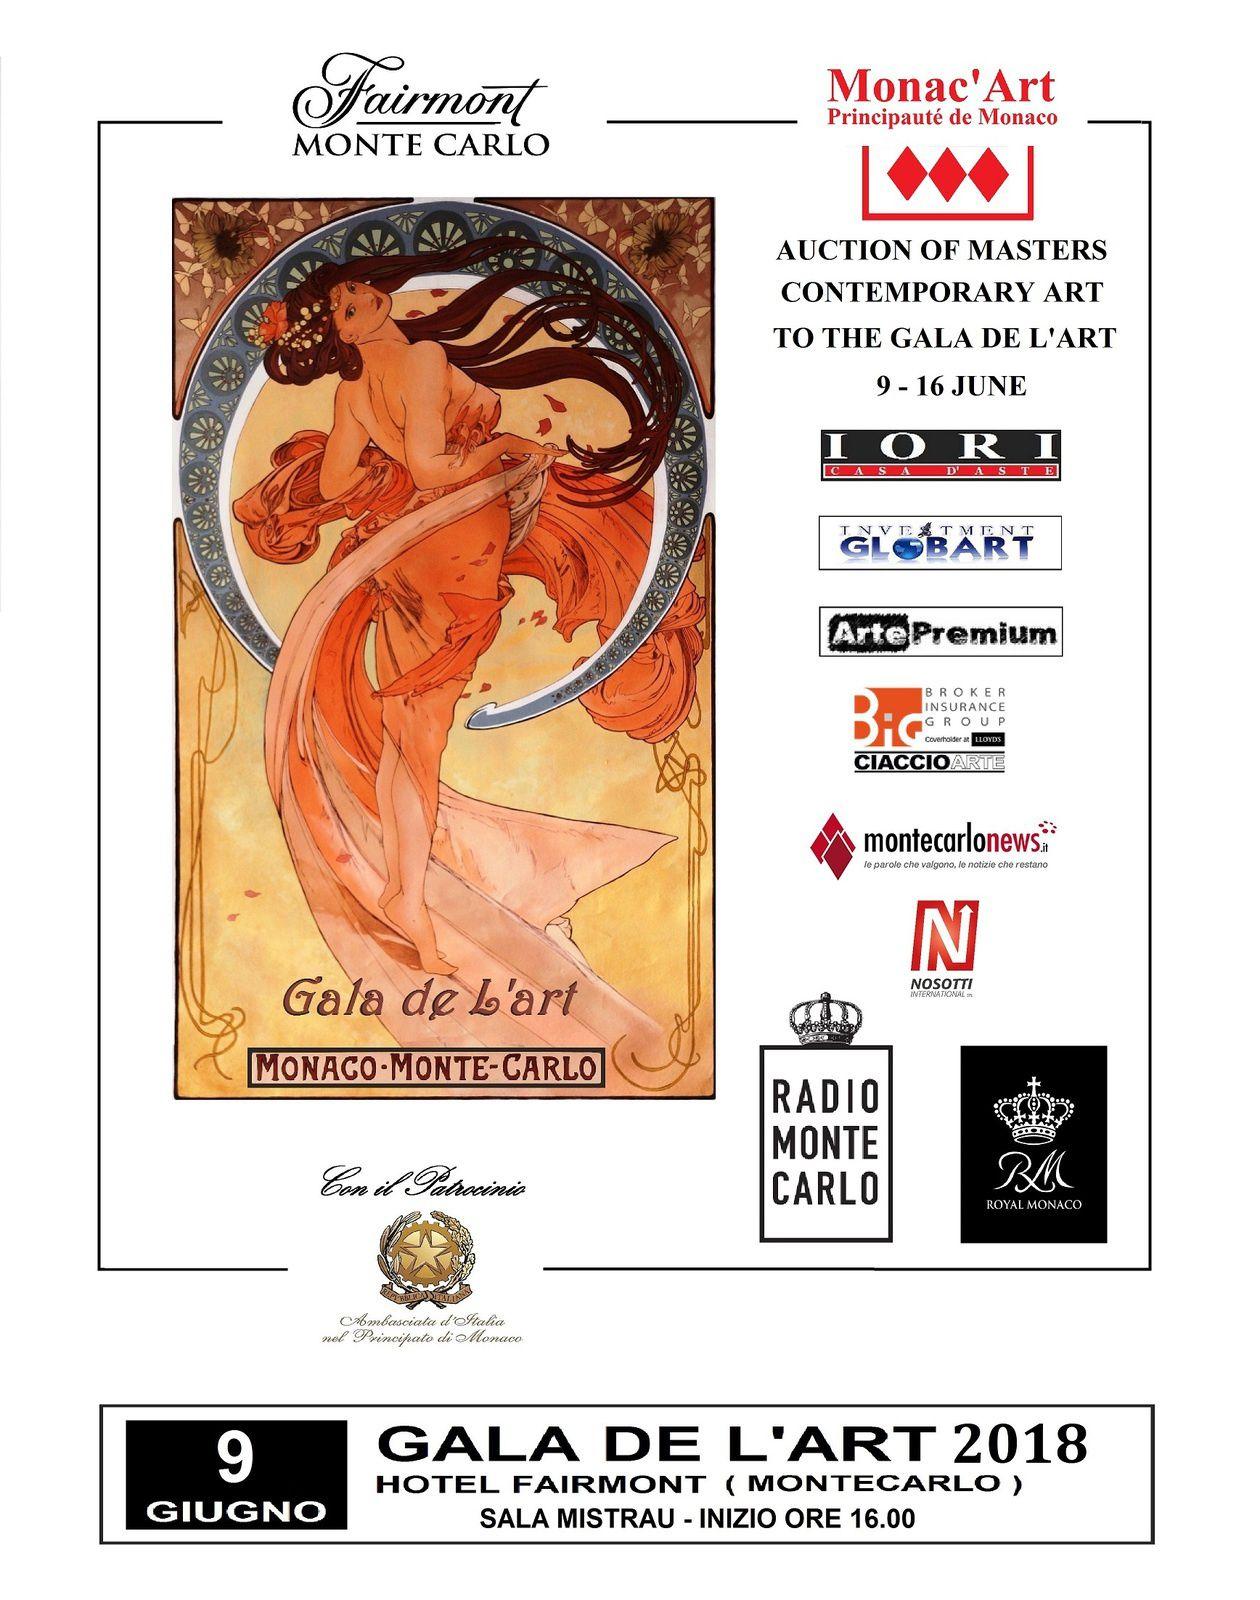 Monte-Carlo Gala de l'Art 2018